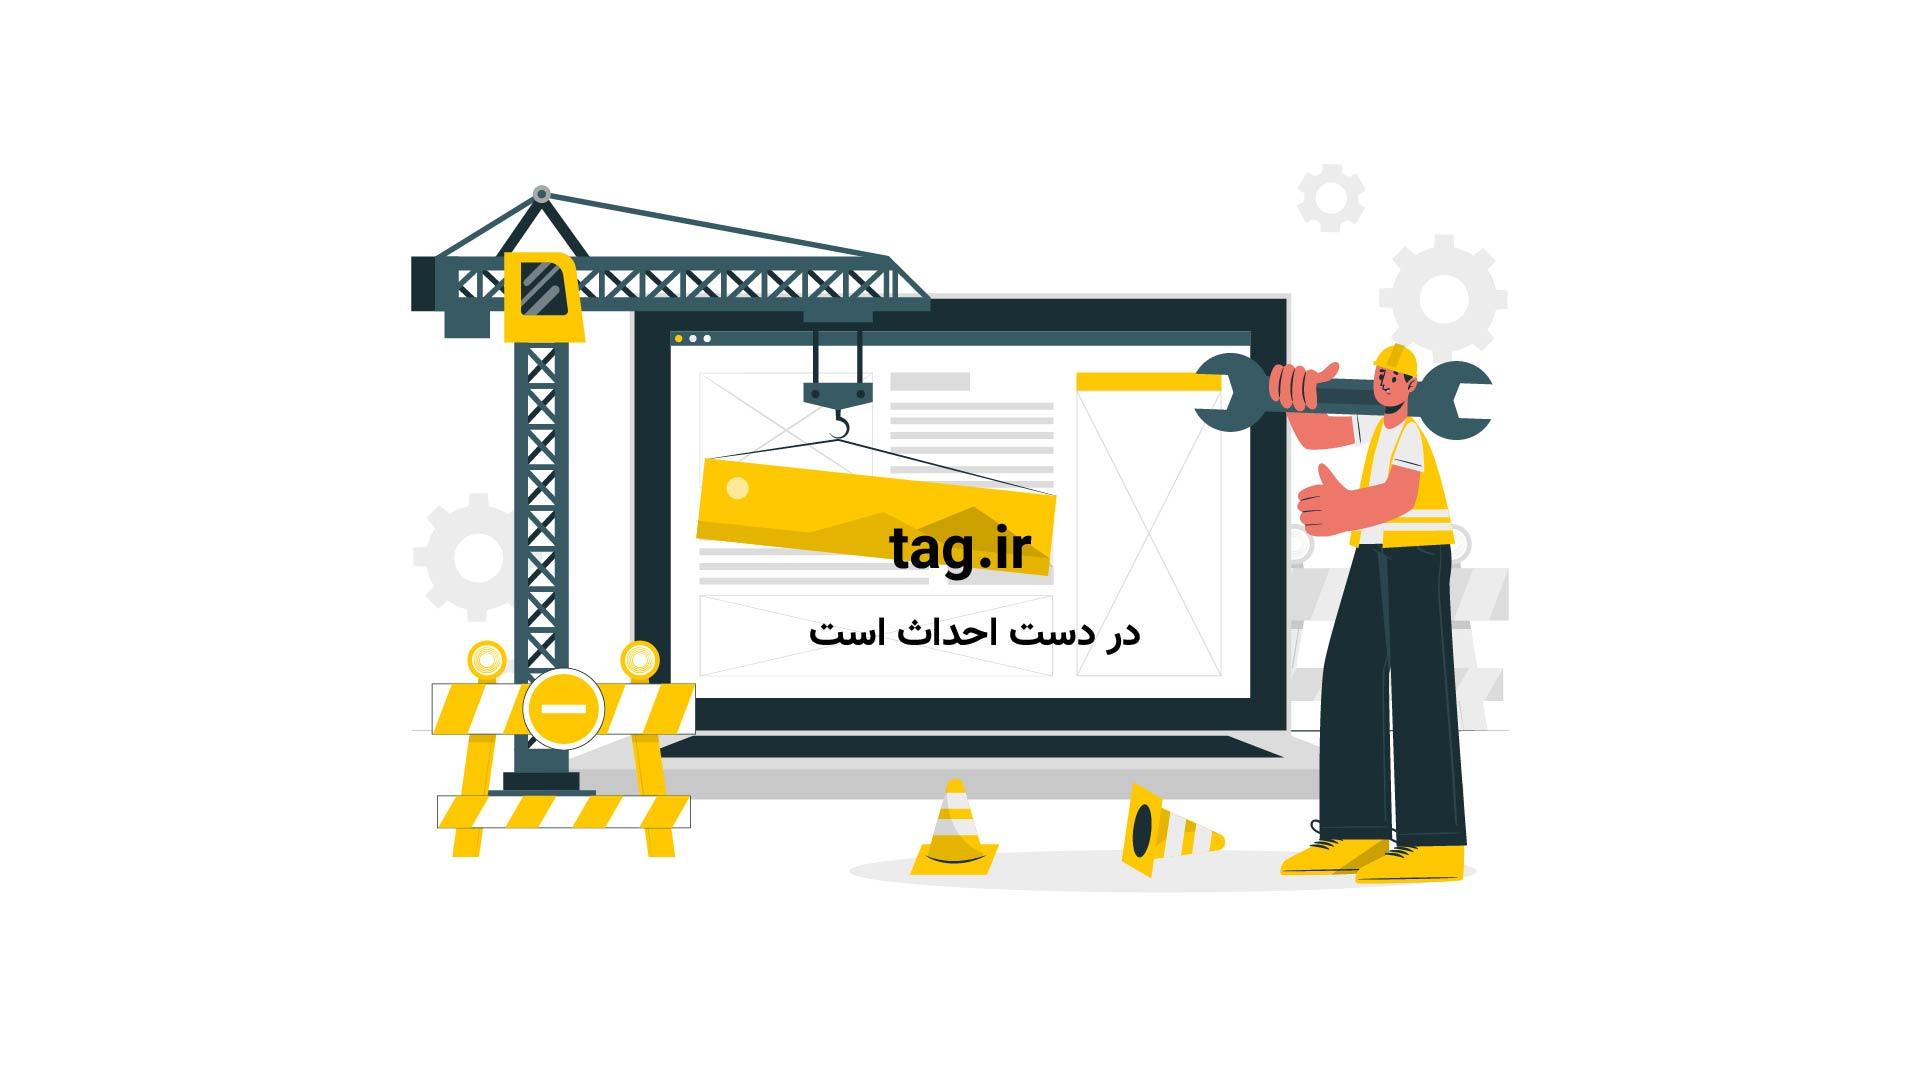 شرکت ملی نفت ایران | تگ